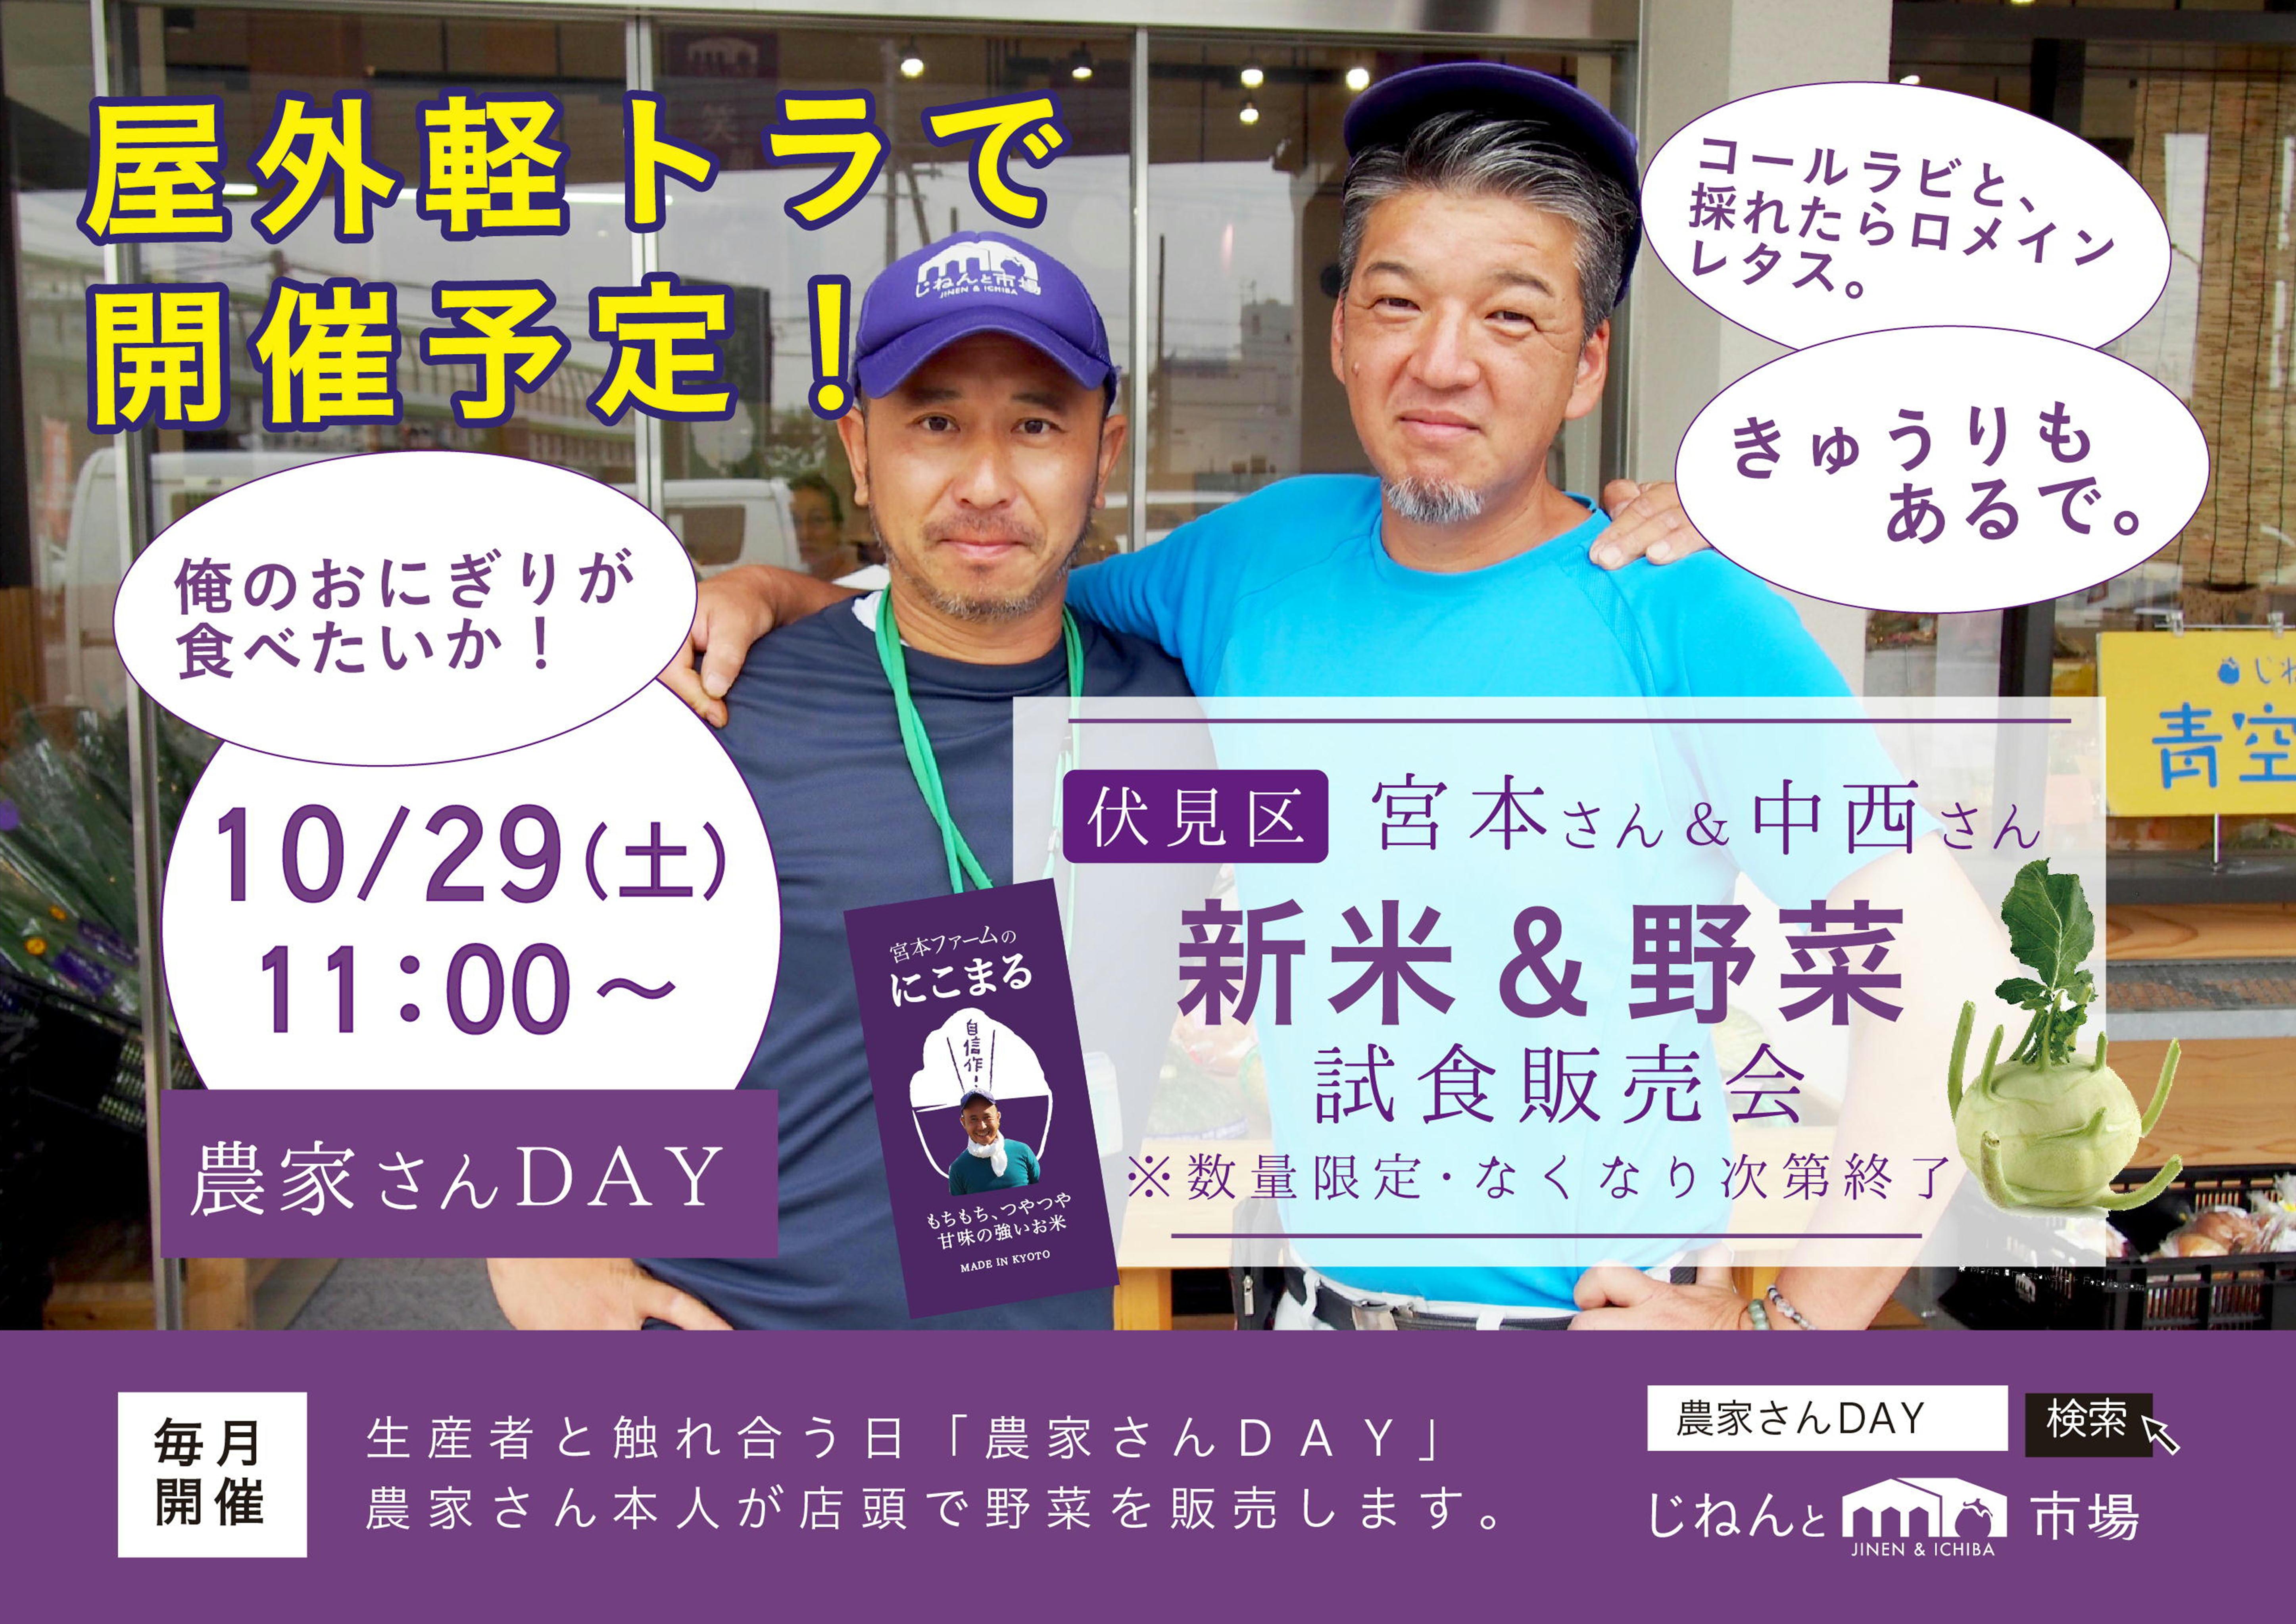 10/29(土)農家さんDAYは、ミニ軽トラ市!